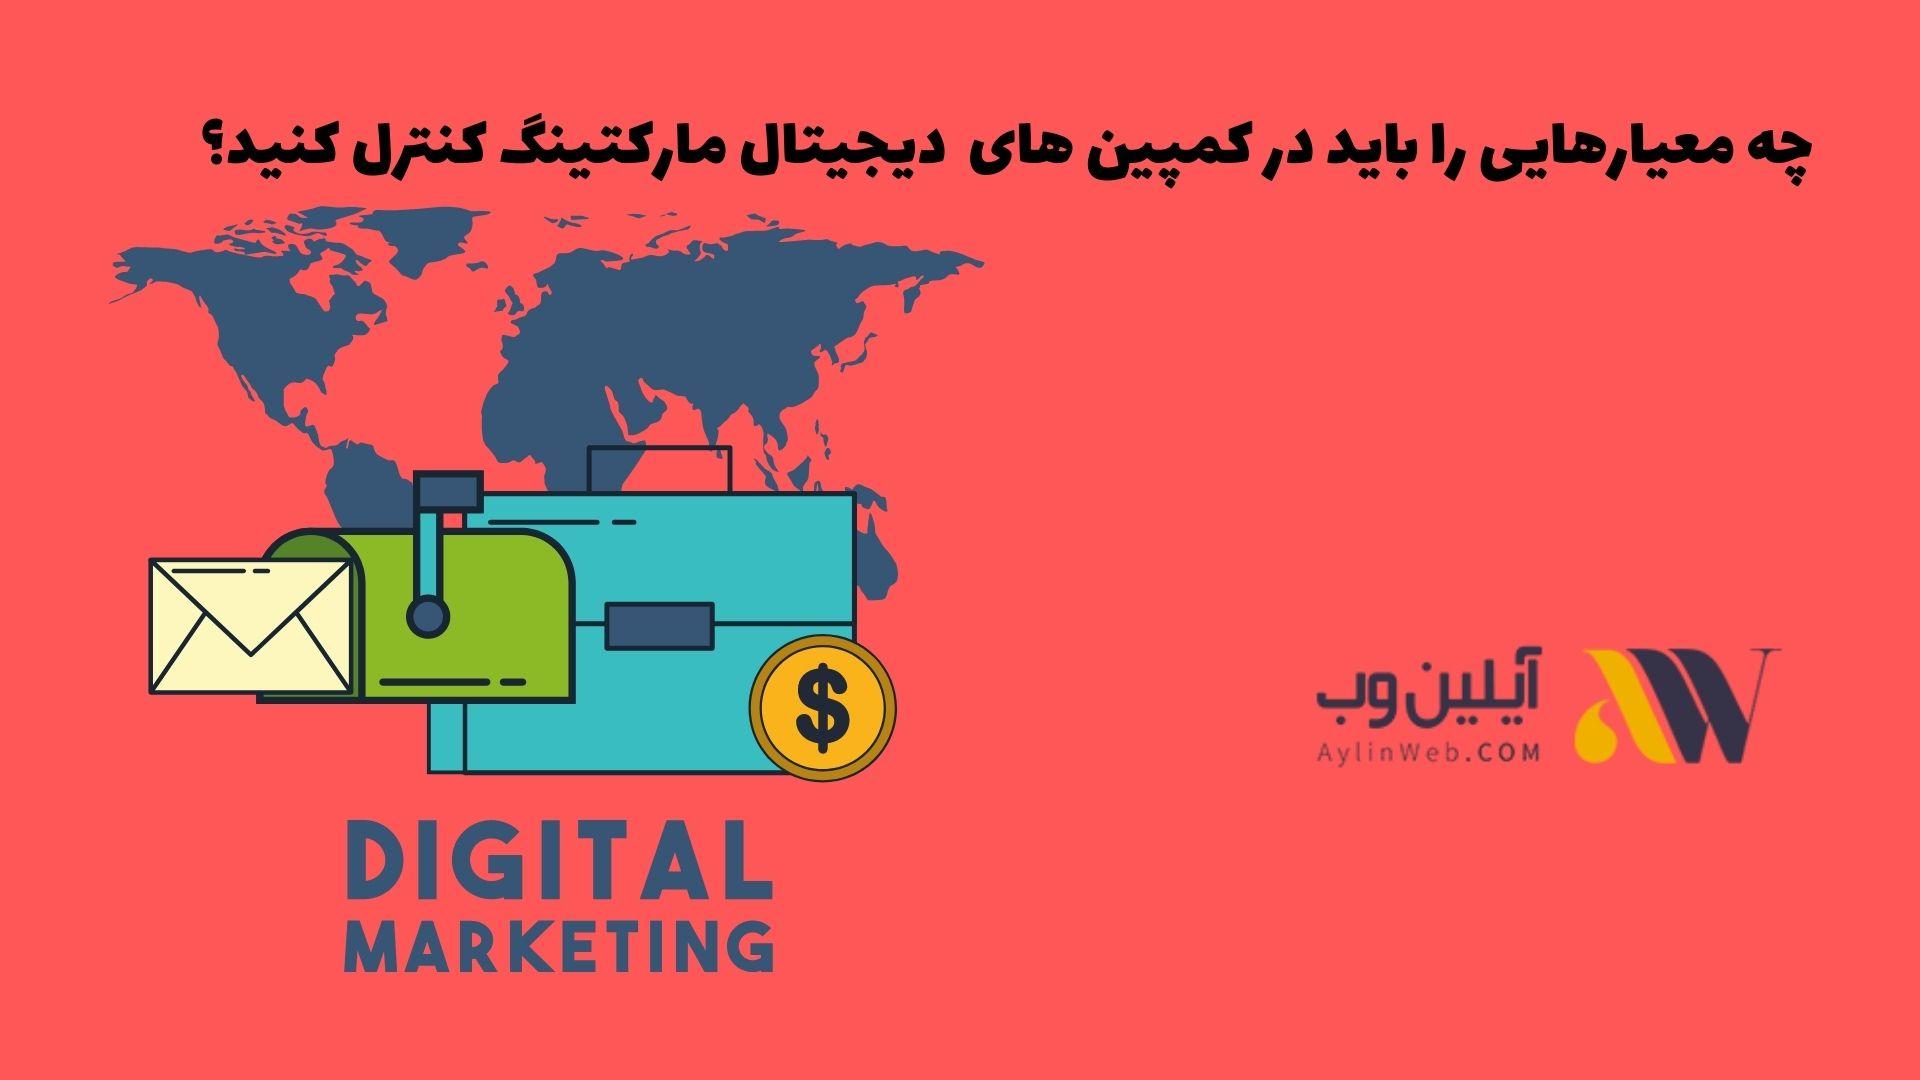 چه معیارهایی را باید در کمپین های دیجیتال مارکتینگ کنترل کنید؟